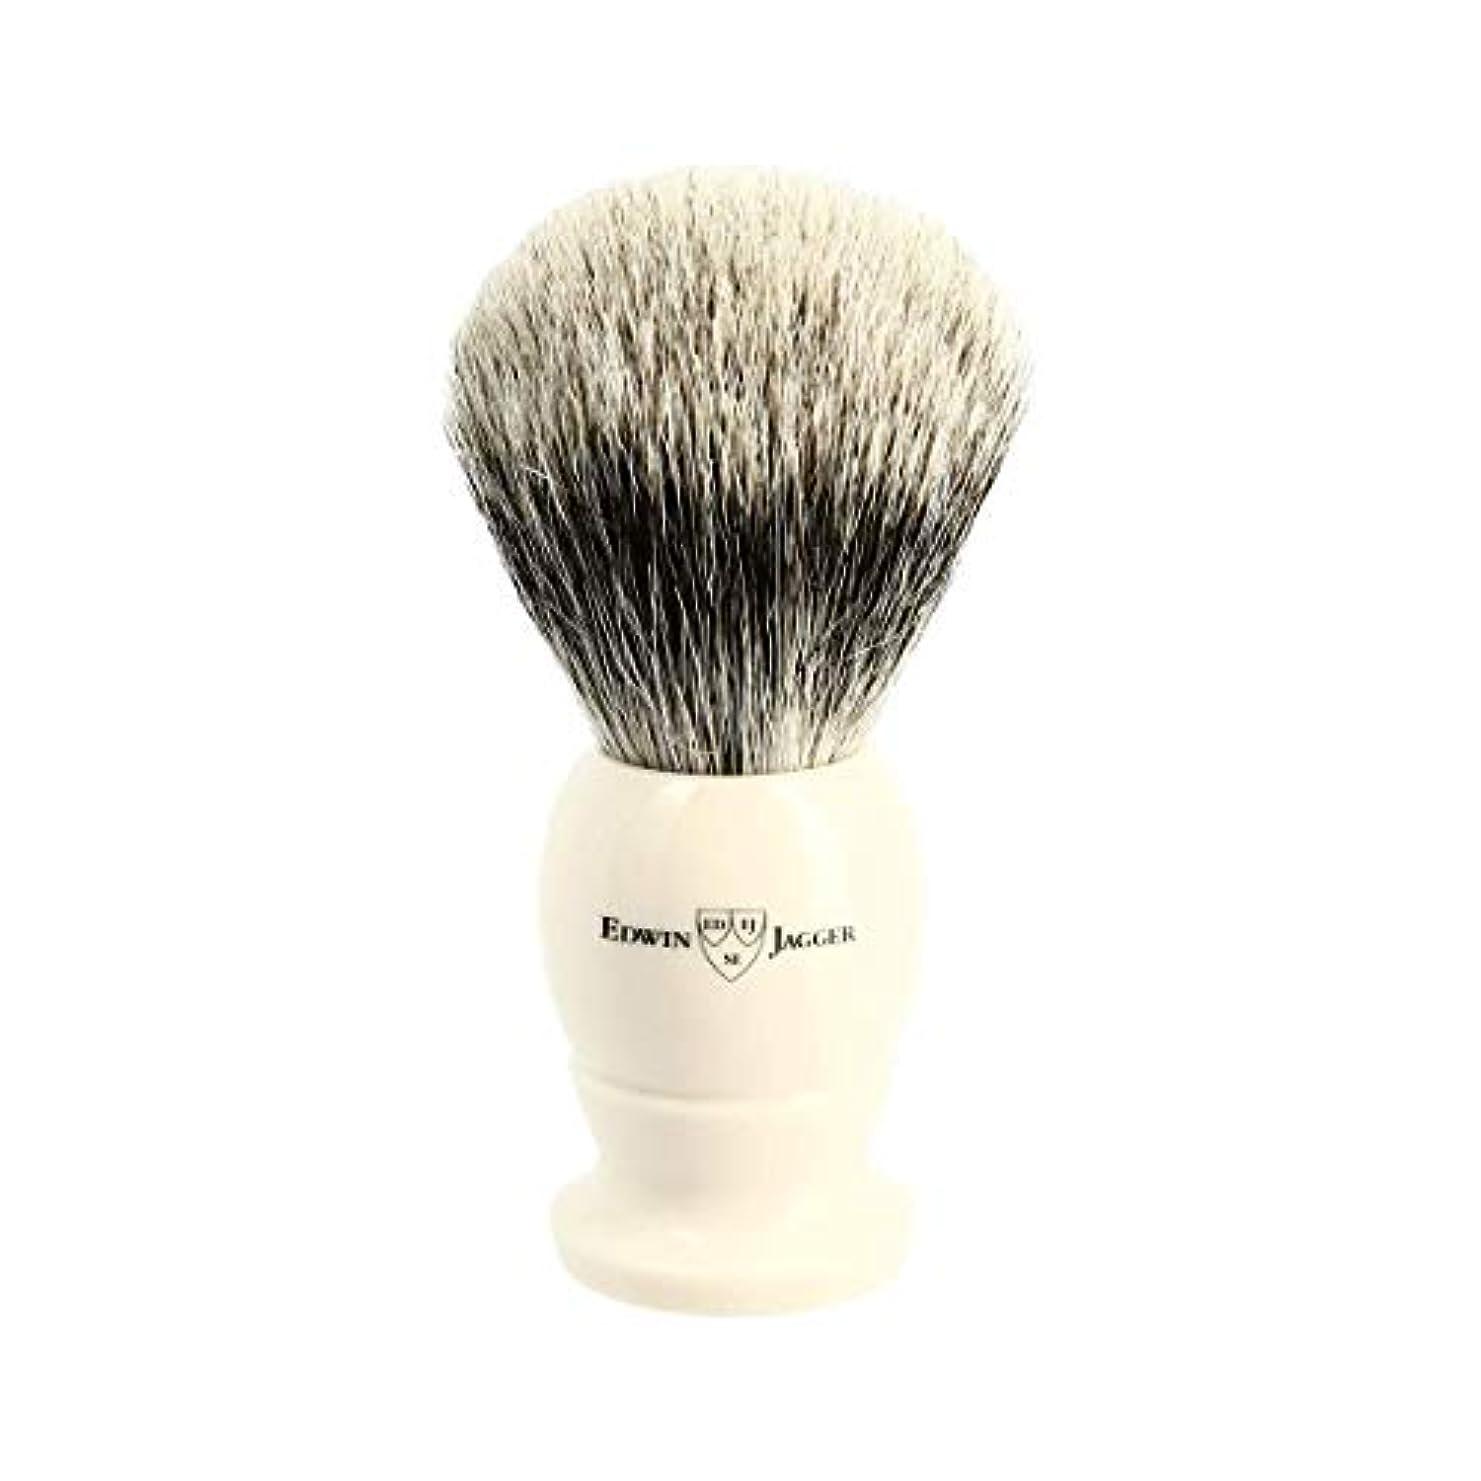 買い手ボリュームもっと少なくエドウィンジャガー アイボリー ベストバッジャーアナグマ毛 シェービングブラシ大3EJ877[海外直送品]Edwin Jagger Ivory Best Badger Shaving Brush Large 3EJ877...